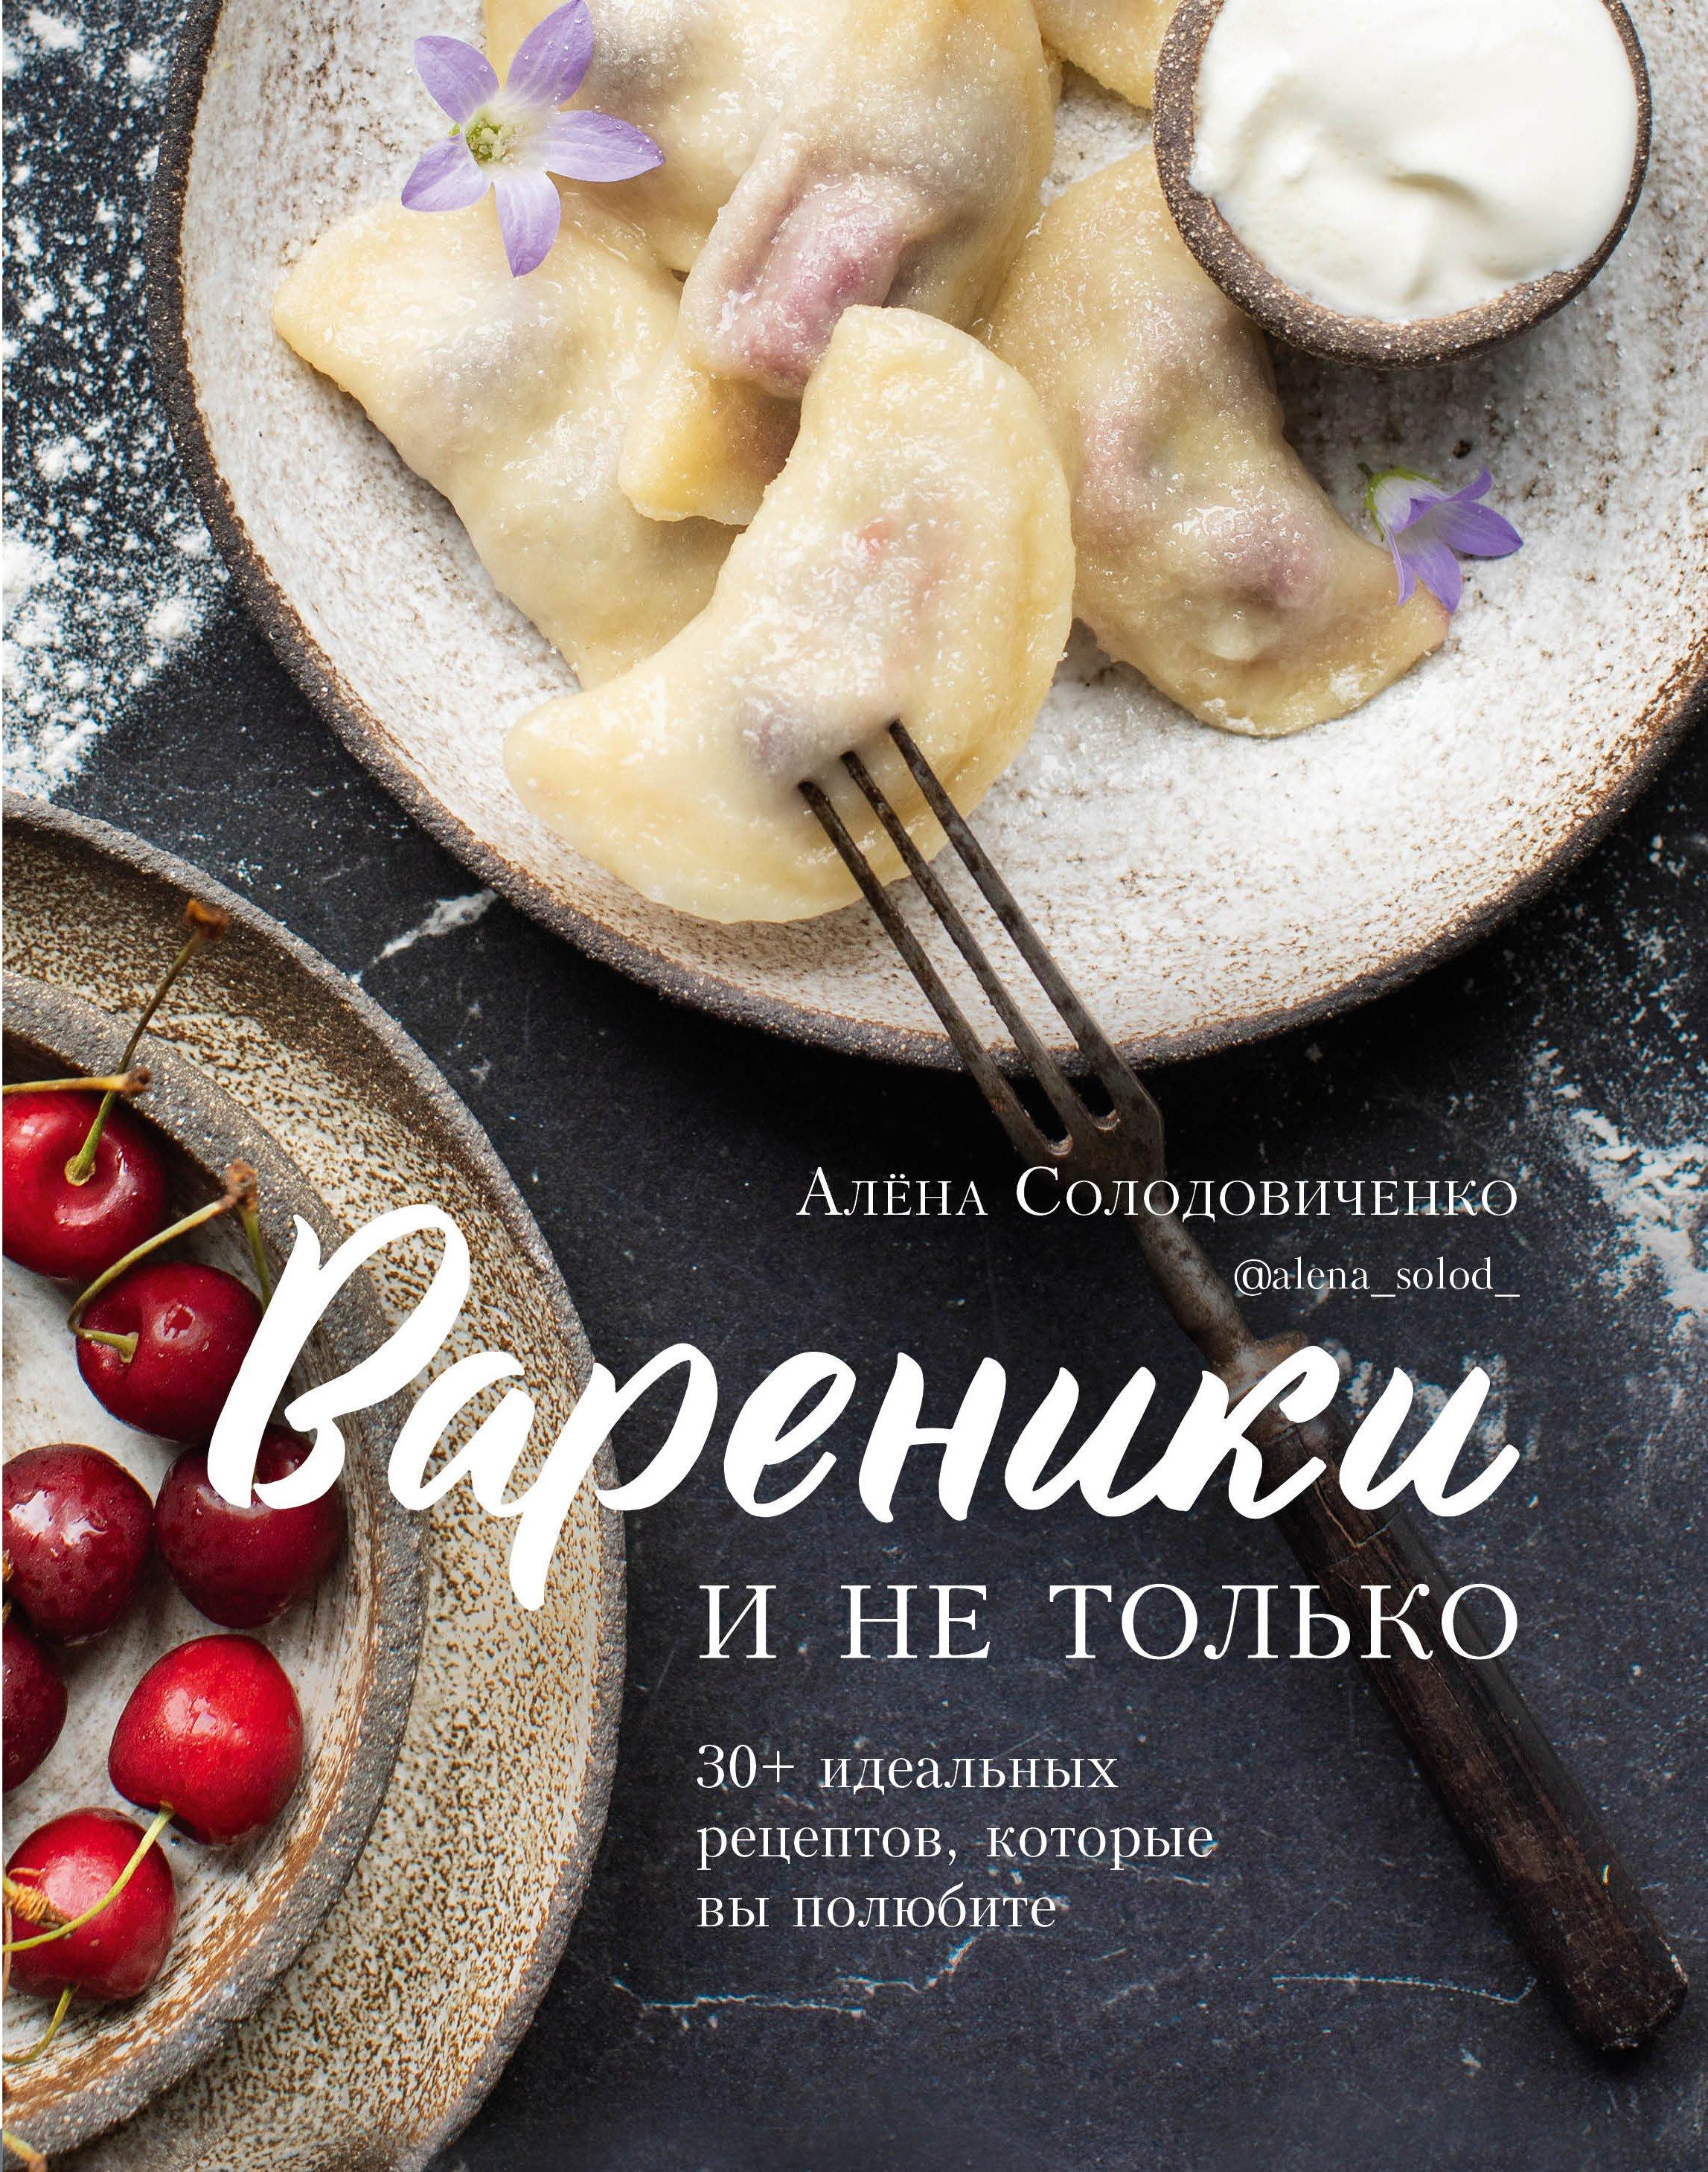 Солодовиченко Алёна Вареники и не только. 30+ идеальных рецептов, которые вы полюбите (с автографом)